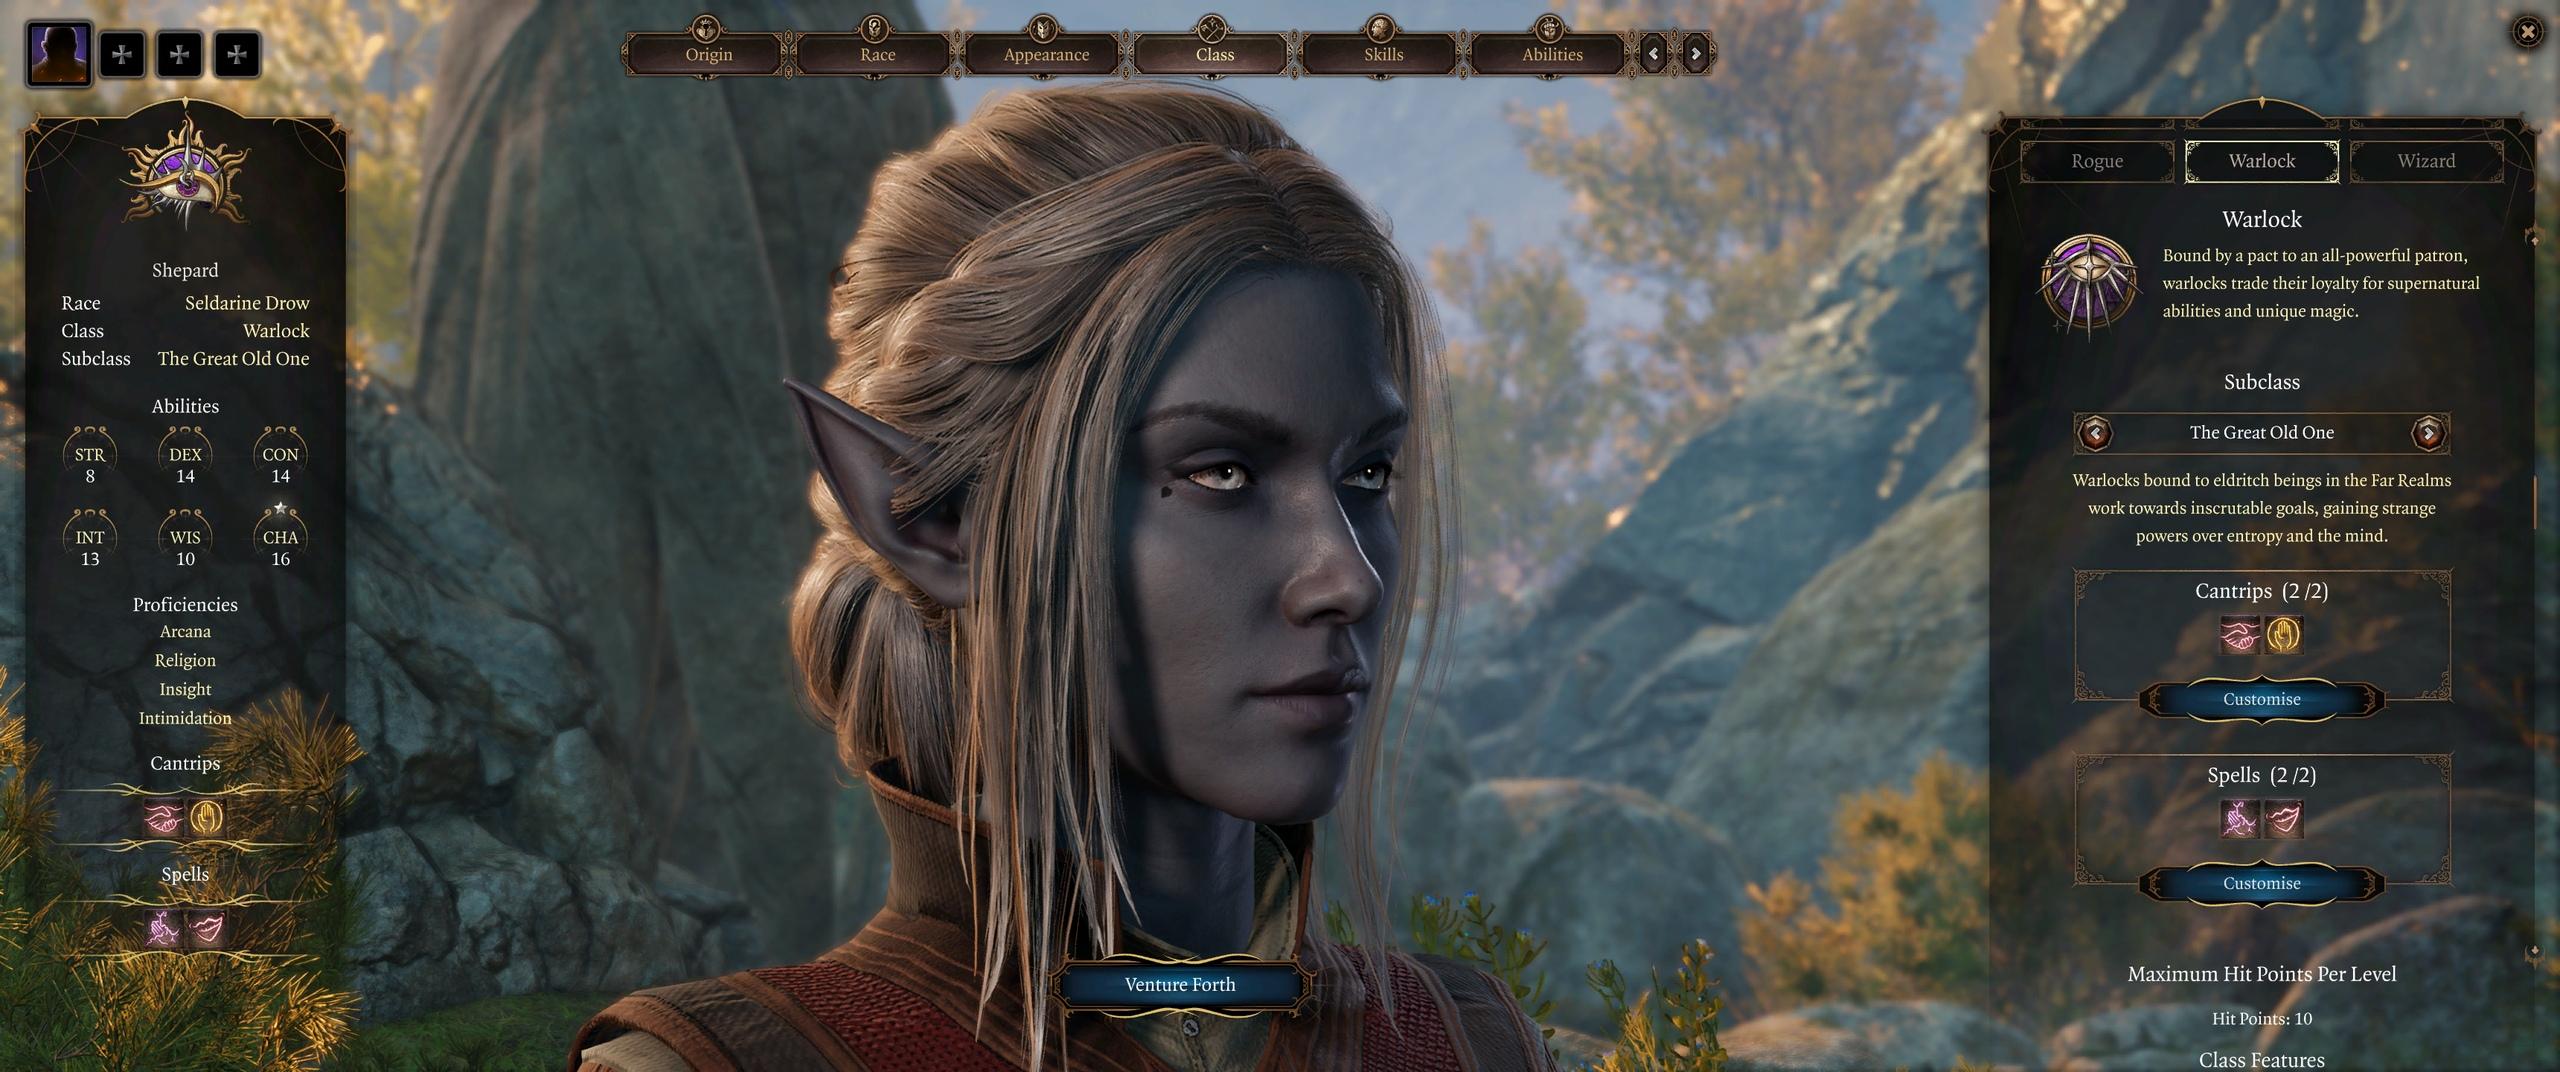 Расы персонажей Baldur's Gate 3 созданы на основе 3D-сканов реальных людей